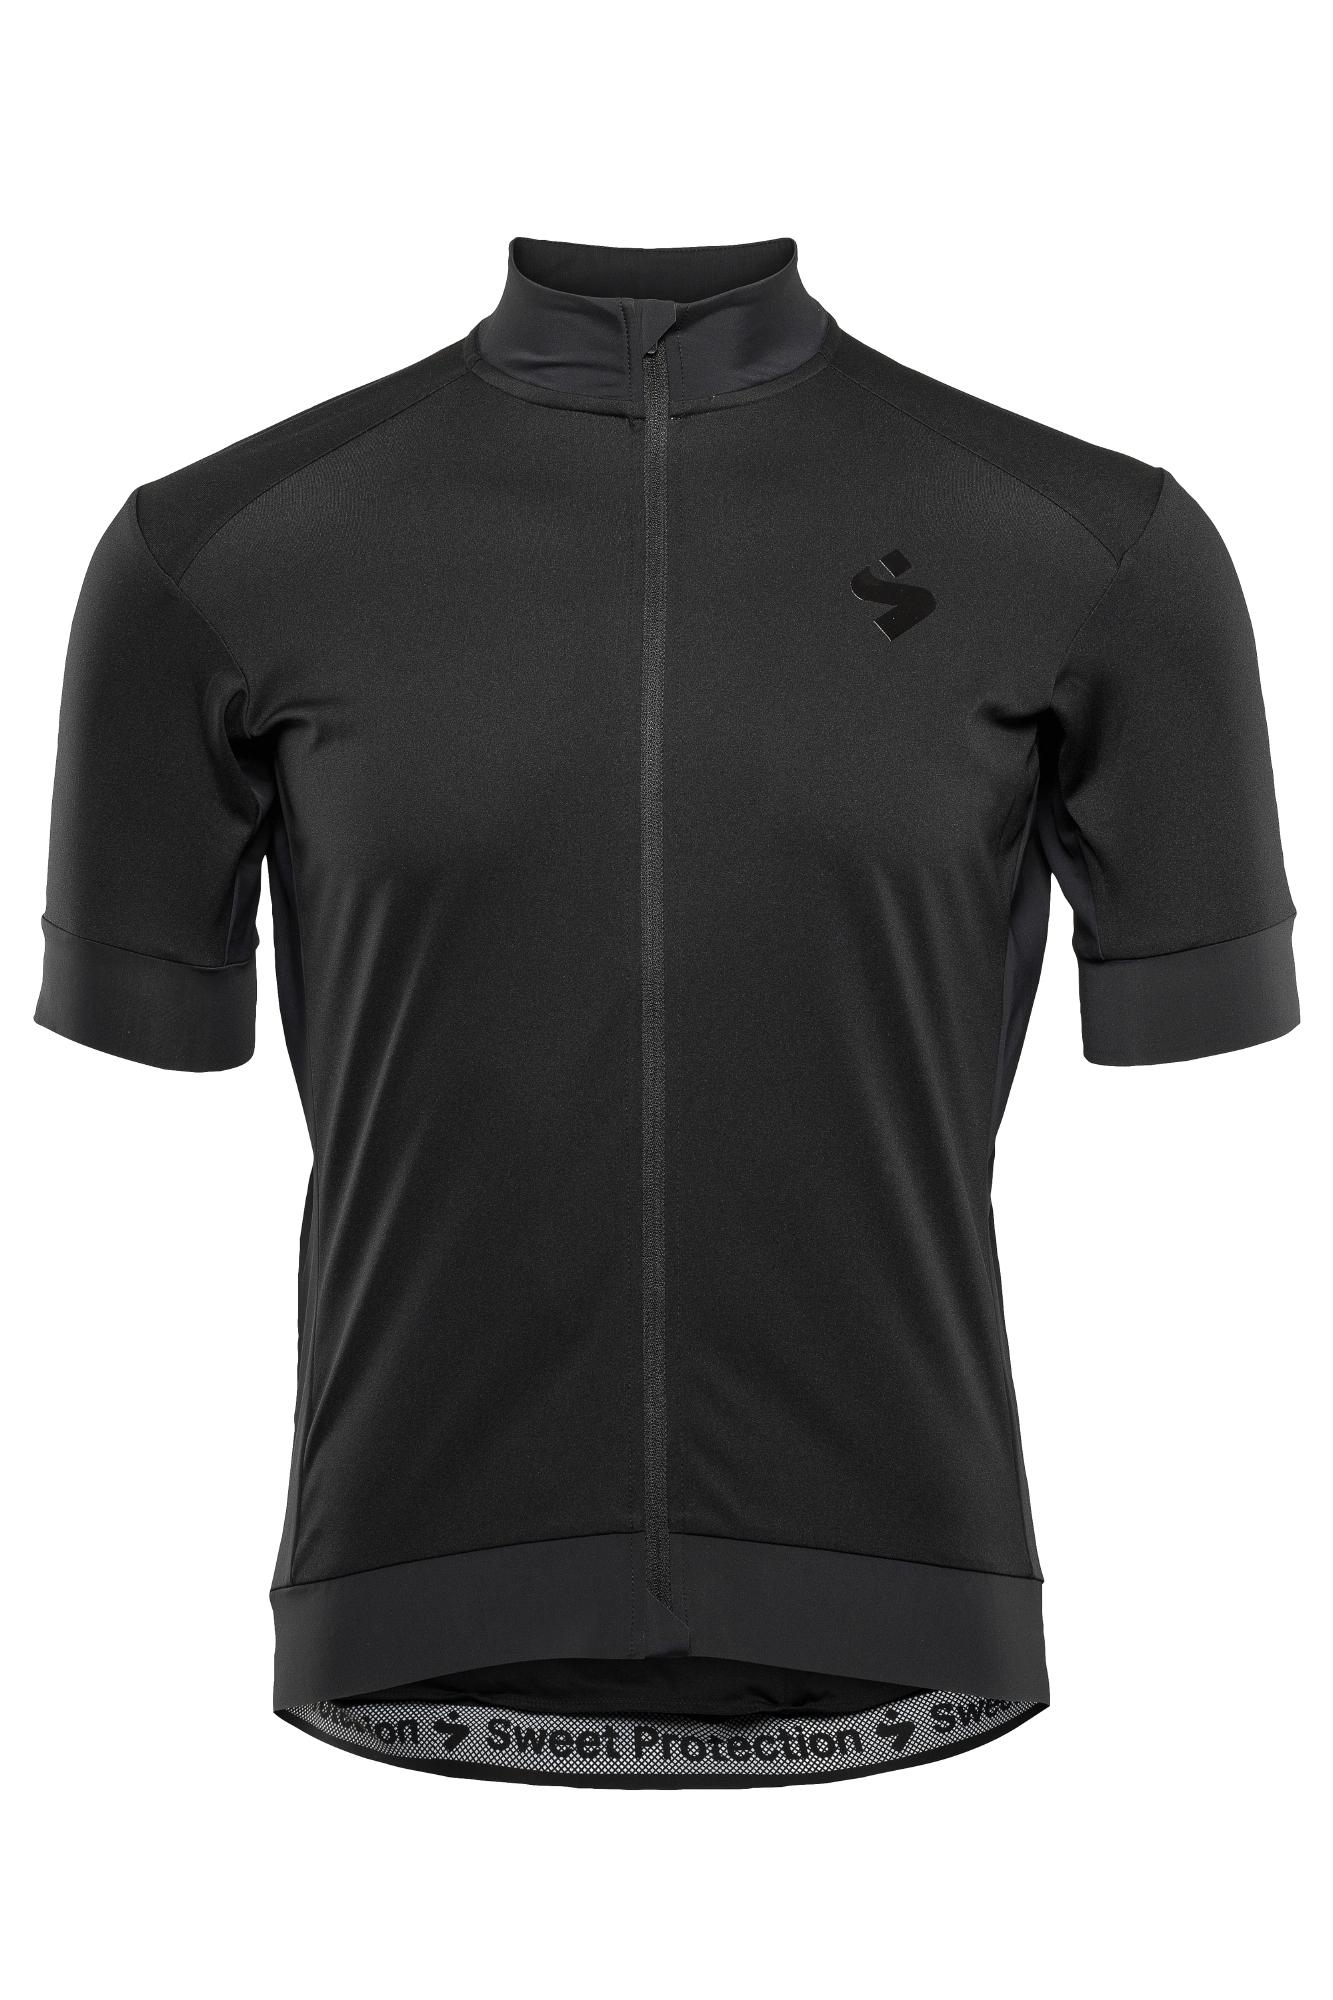 Sweet Protection Crossfire Jersey - Cykeltrøje - Sort | Jerseys